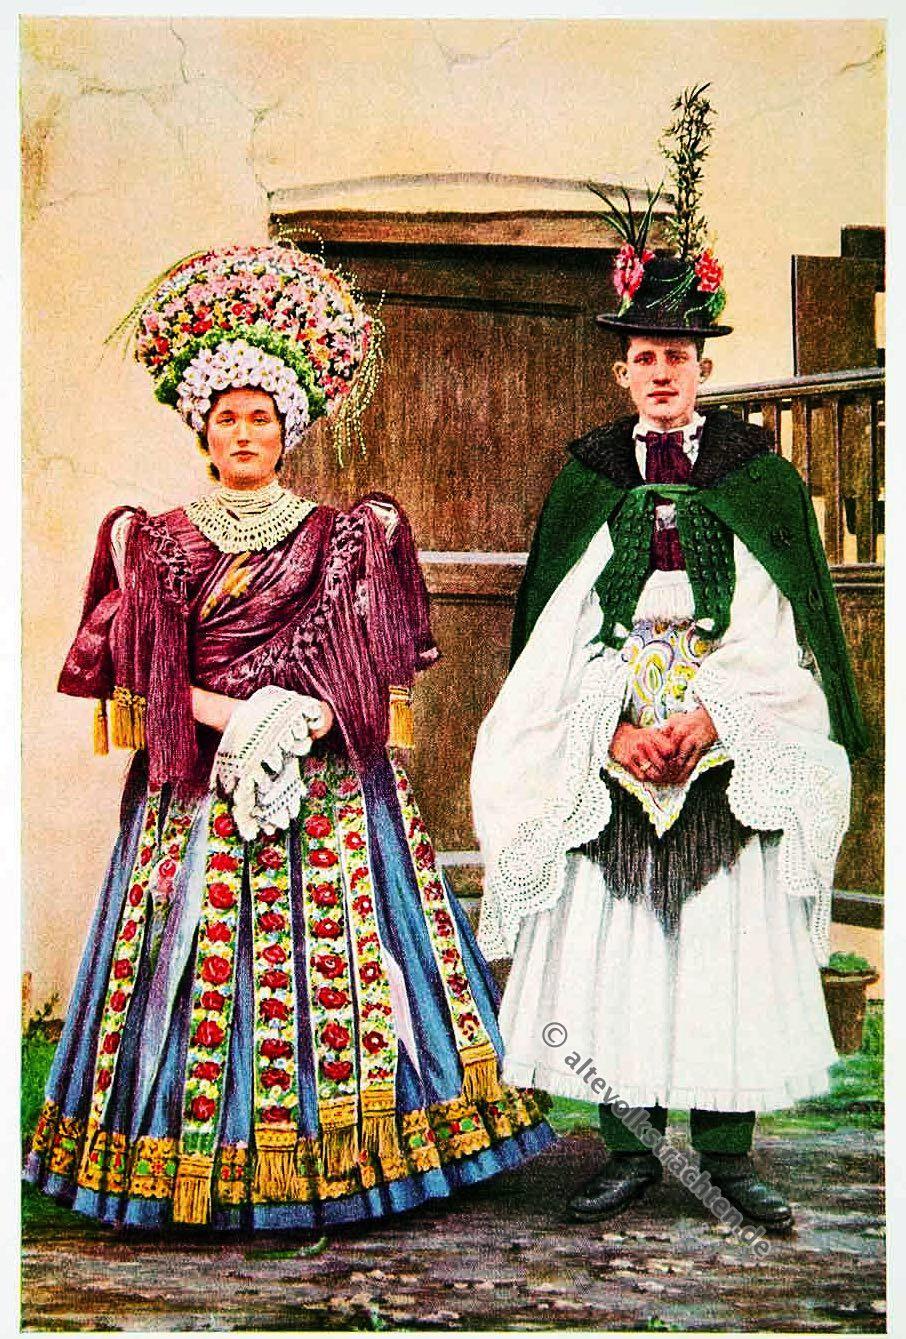 Hochzeitspaar Ungarn, 1920 | Traditionelle Kleider